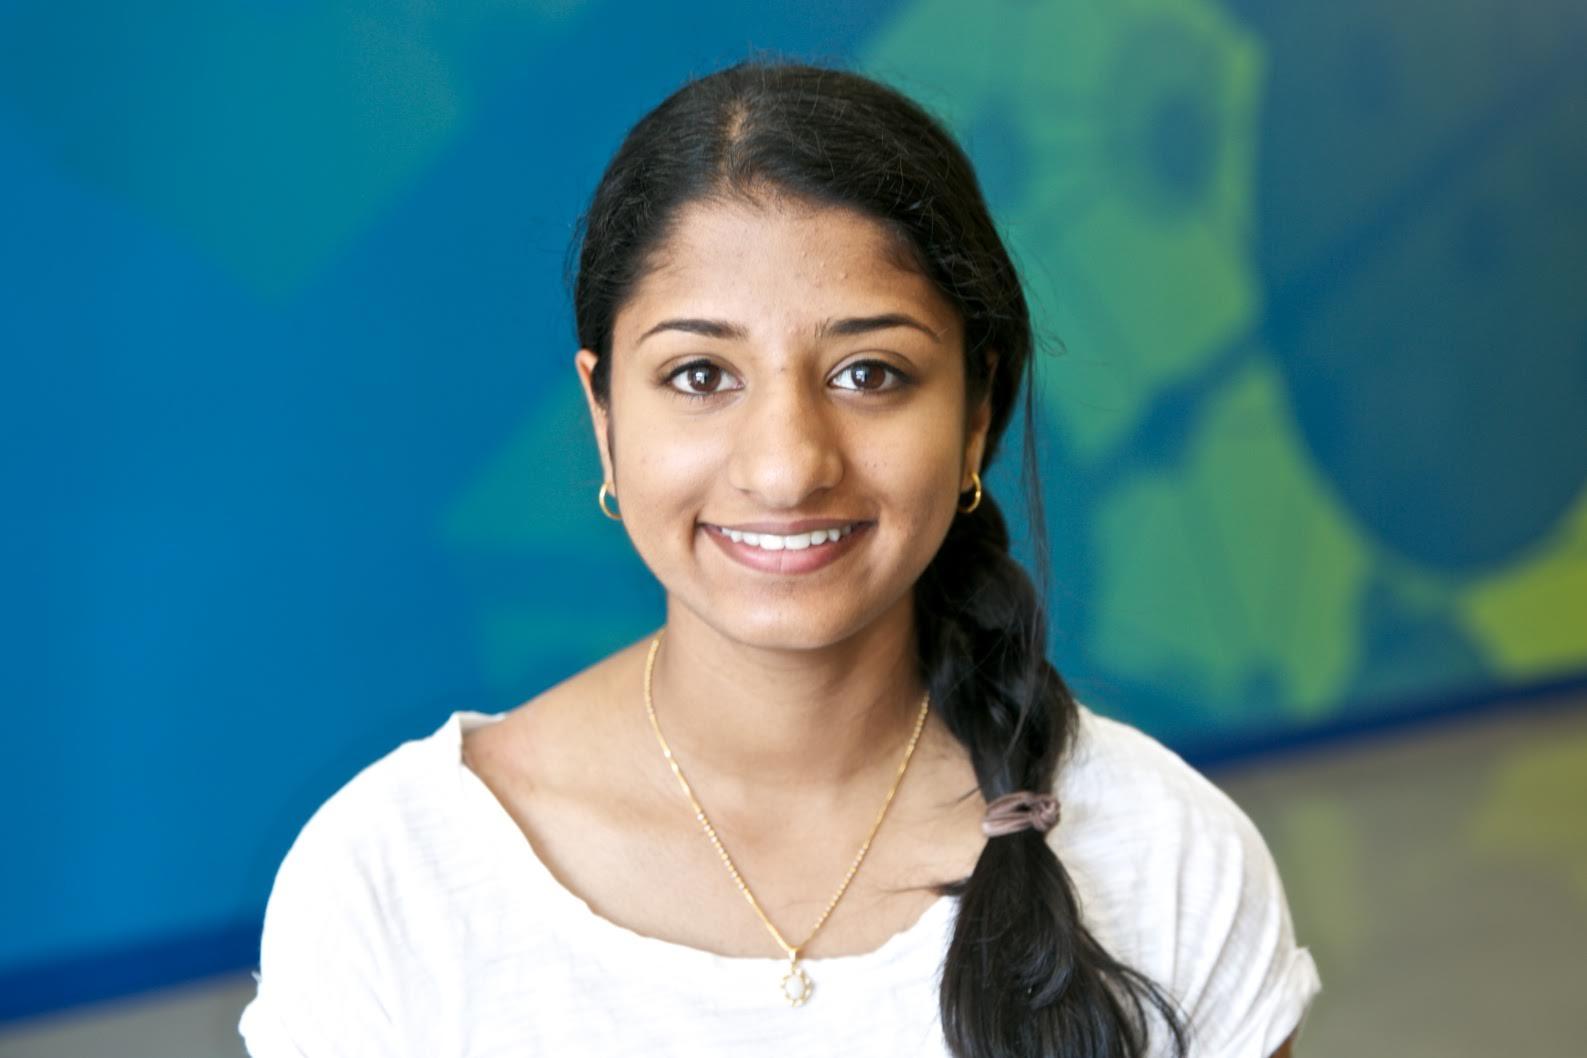 meena reddy isb high school interns 2015